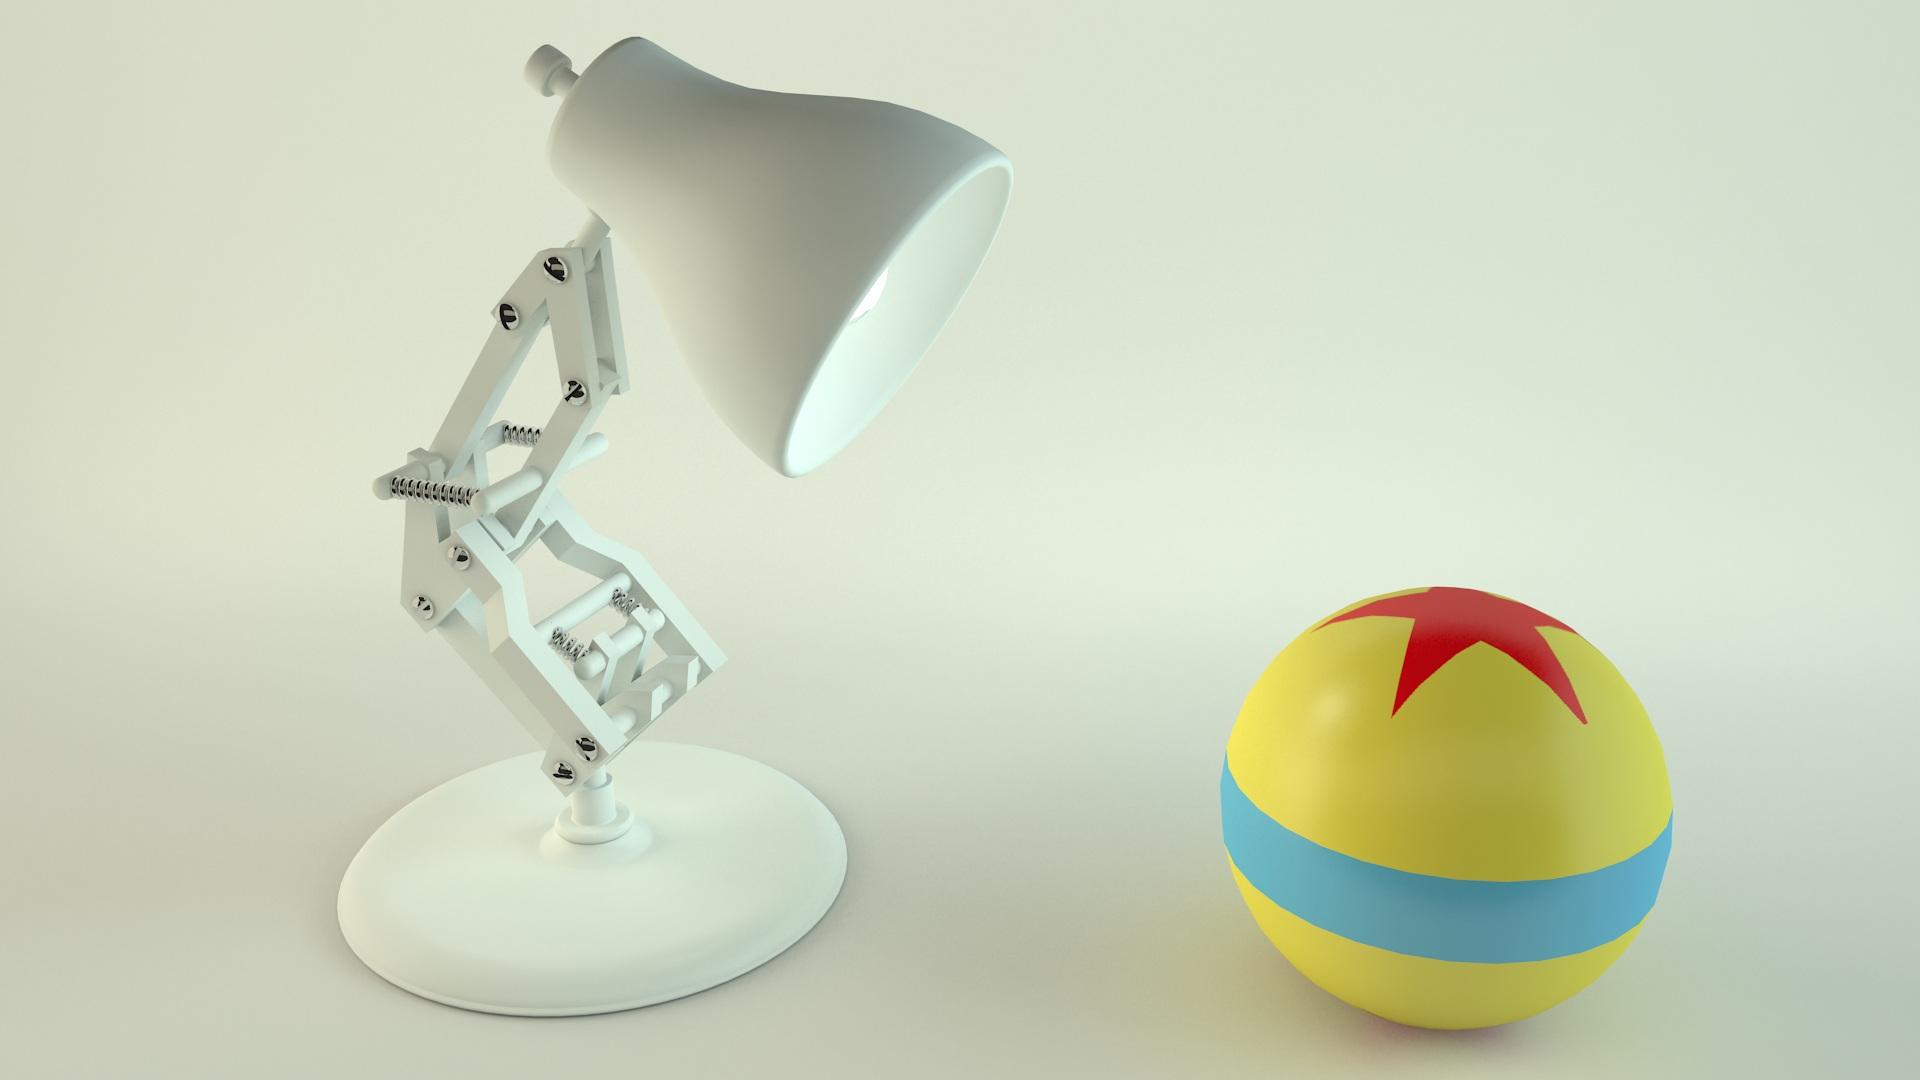 Drawn bulb pixar lamp Pixar Inside Lamp Heavenlycreetures Into